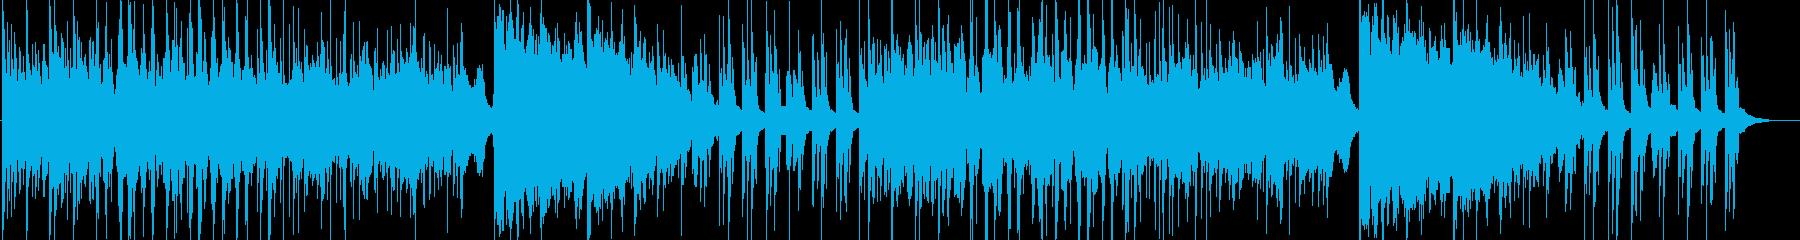 森・大地の景色-アウトドア・星・BGMの再生済みの波形